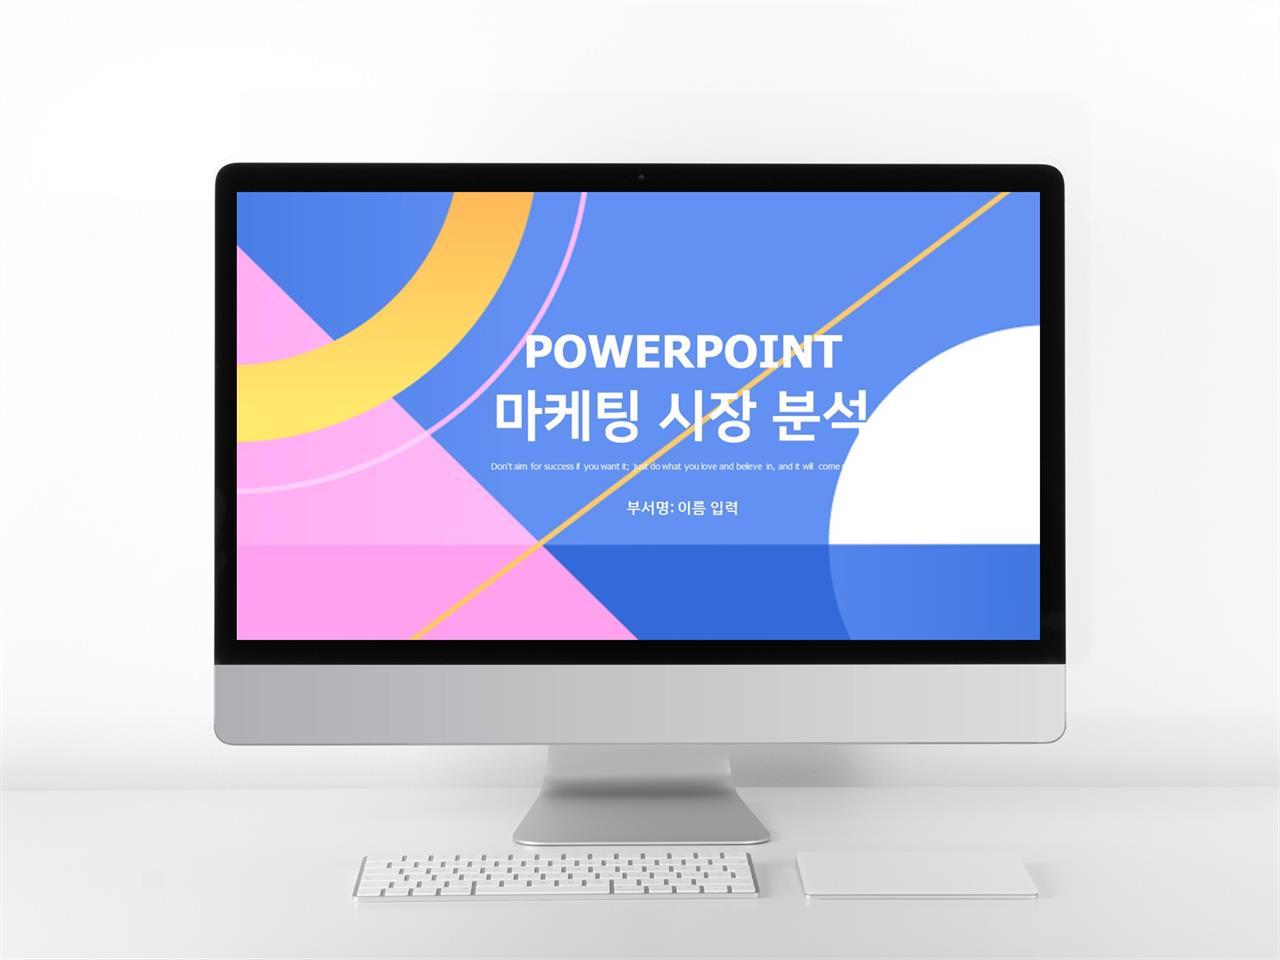 사업융자 자주색 스타일 나는 고퀄리티 POWERPOINT샘플 제작 미리보기